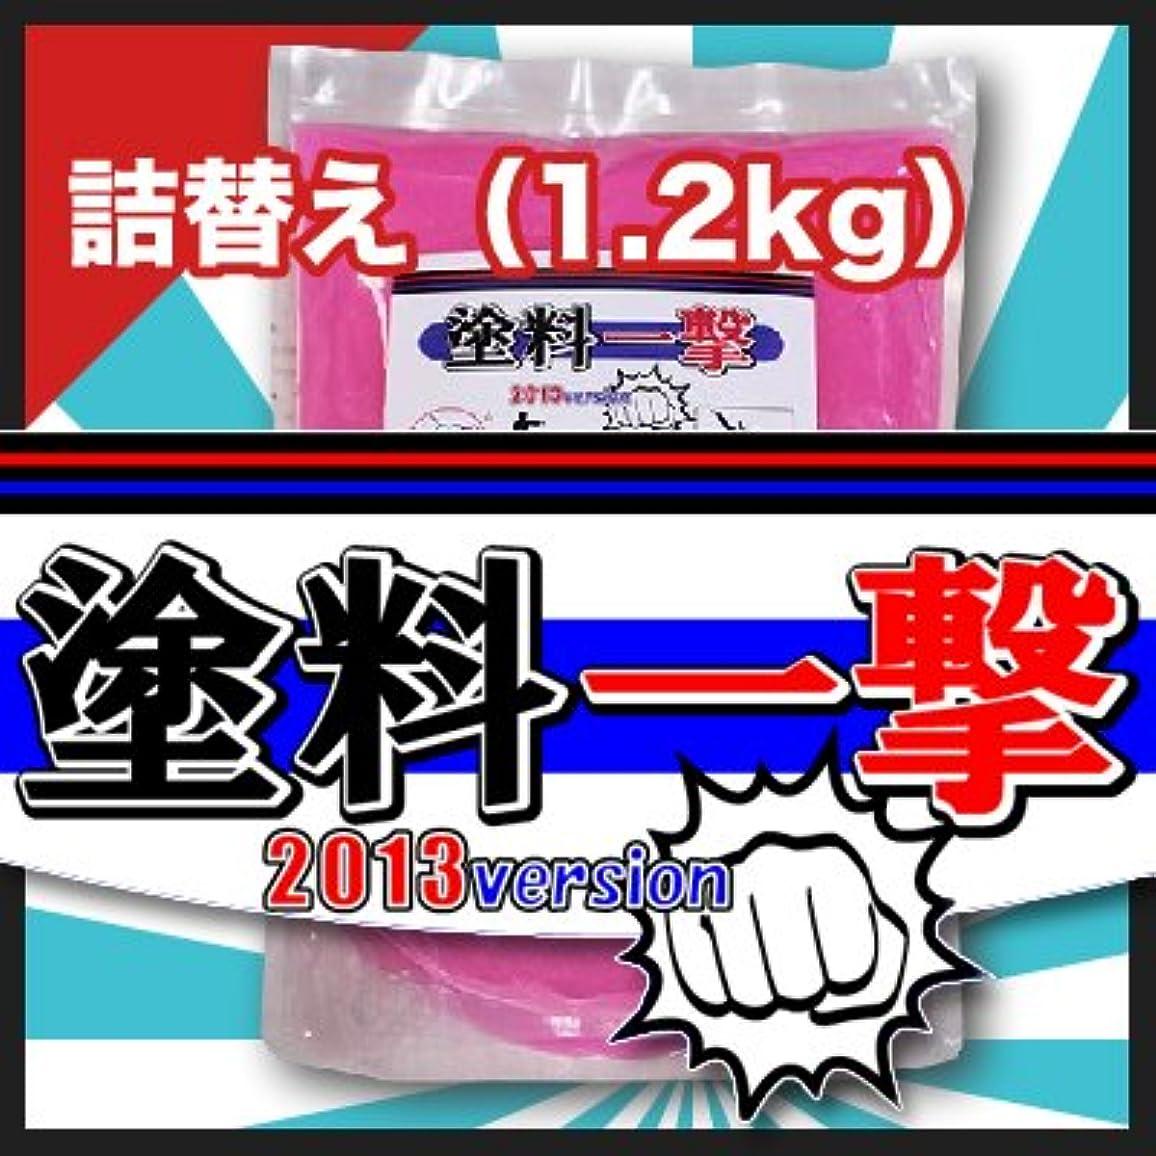 ブラケット克服する膜D.Iプランニング 塗料一撃 2013 Version 詰め替え (1.2kg)